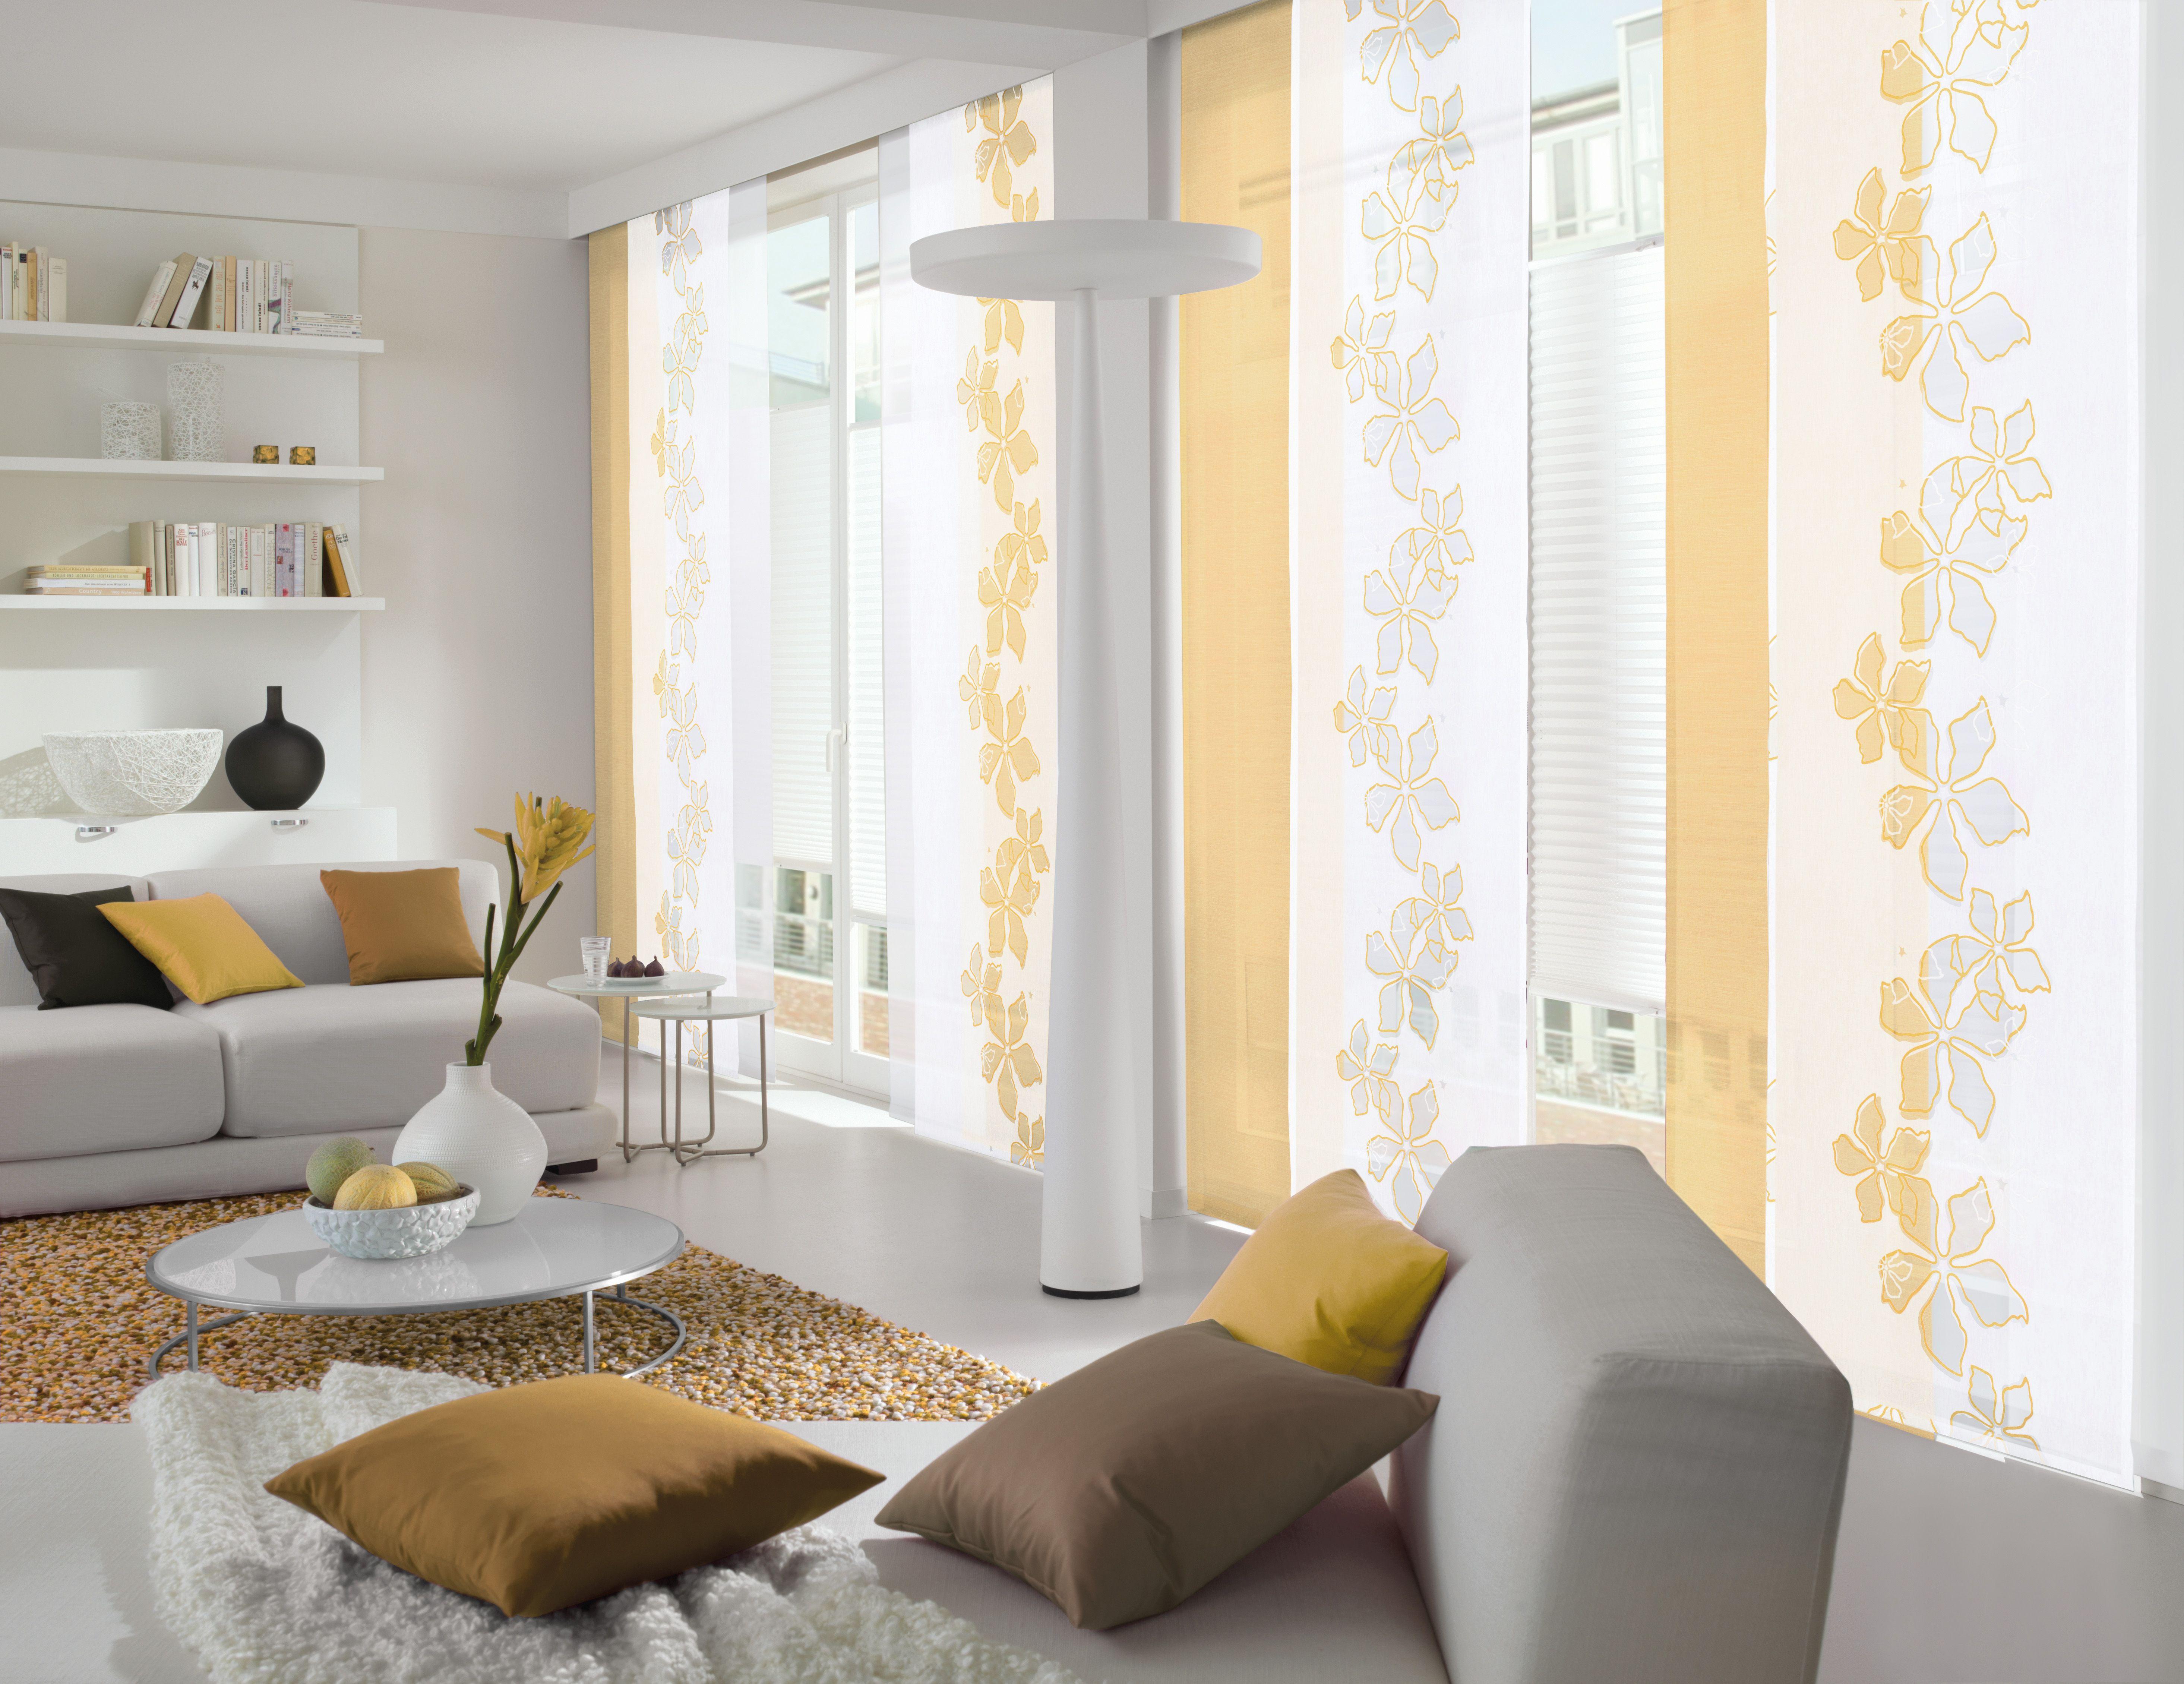 Wohnzimmer Gelbe Vorhaenge - parsvending.com -